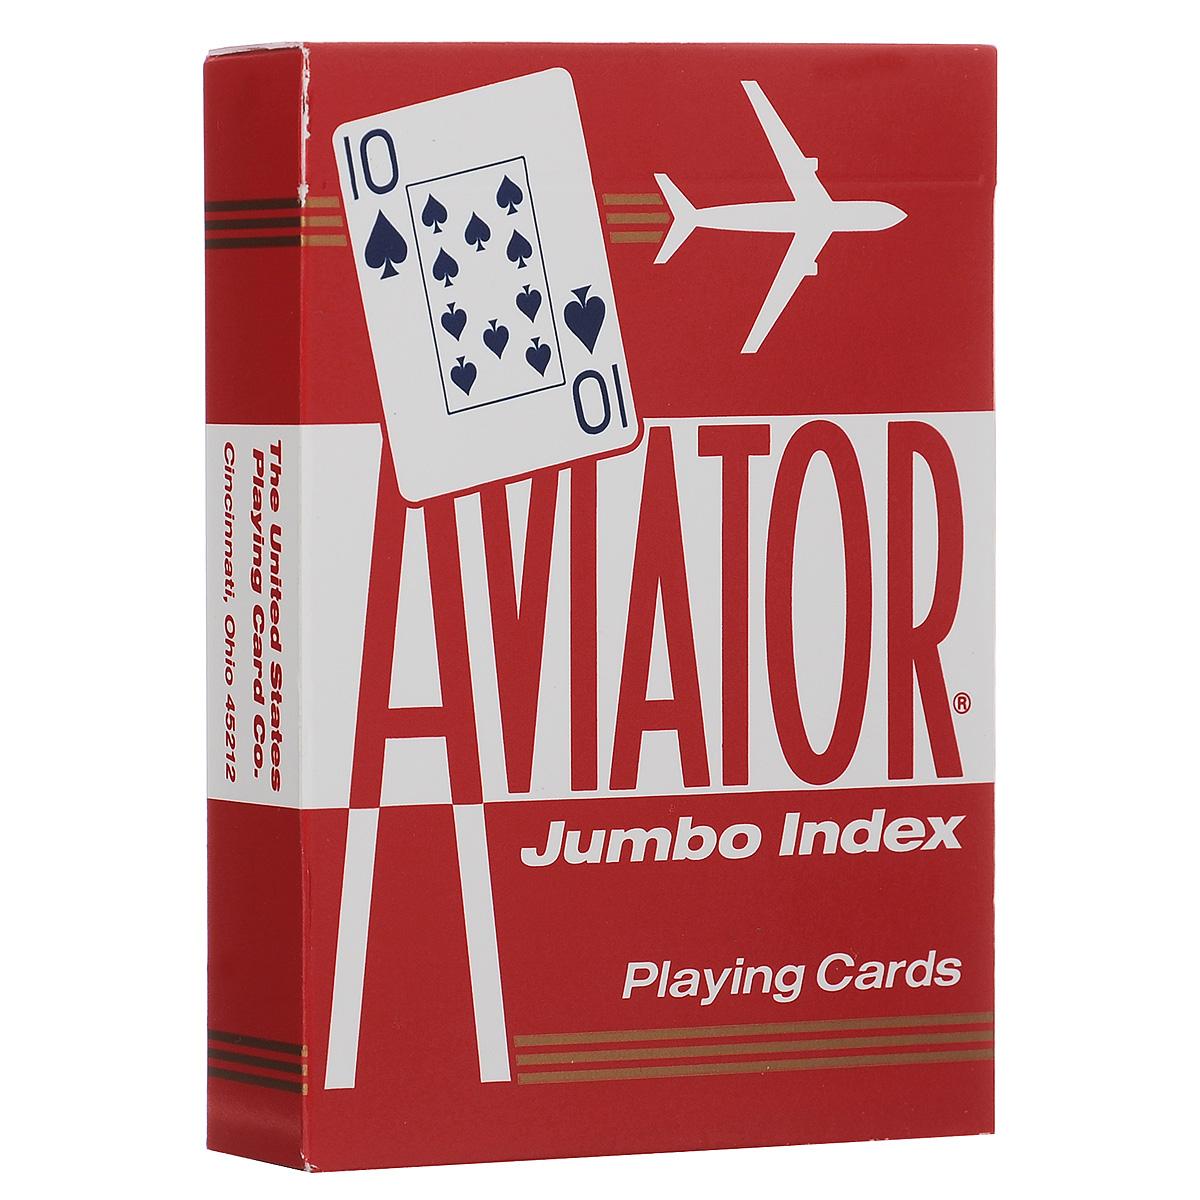 Карты игральные Aviator, покерный размер, большой индекс, цвет: красный, 55 штК-150Игральные карты Aviator - самые недорогие и одни из самых популярных колод. Индексы на этих картах больше обычных, поэтому они видны с большего расстояния.